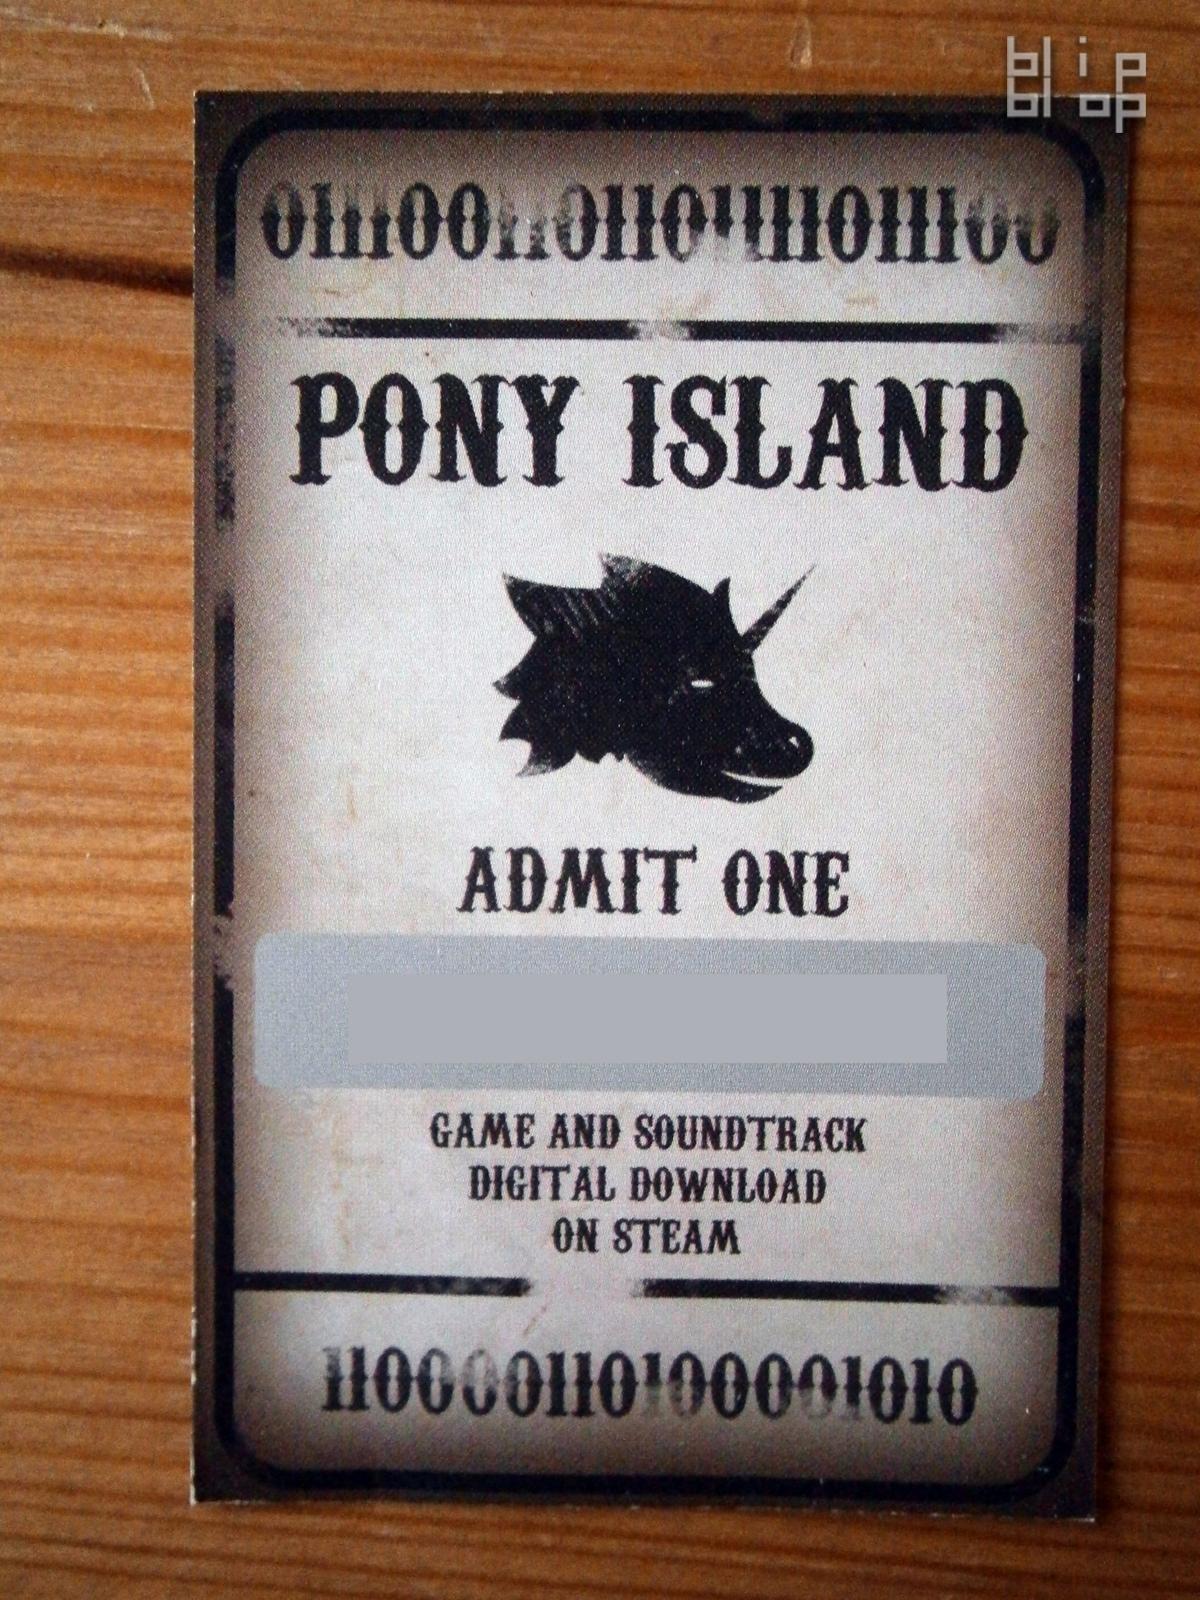 Pony Island - 0111001101101111011100110000110100001010